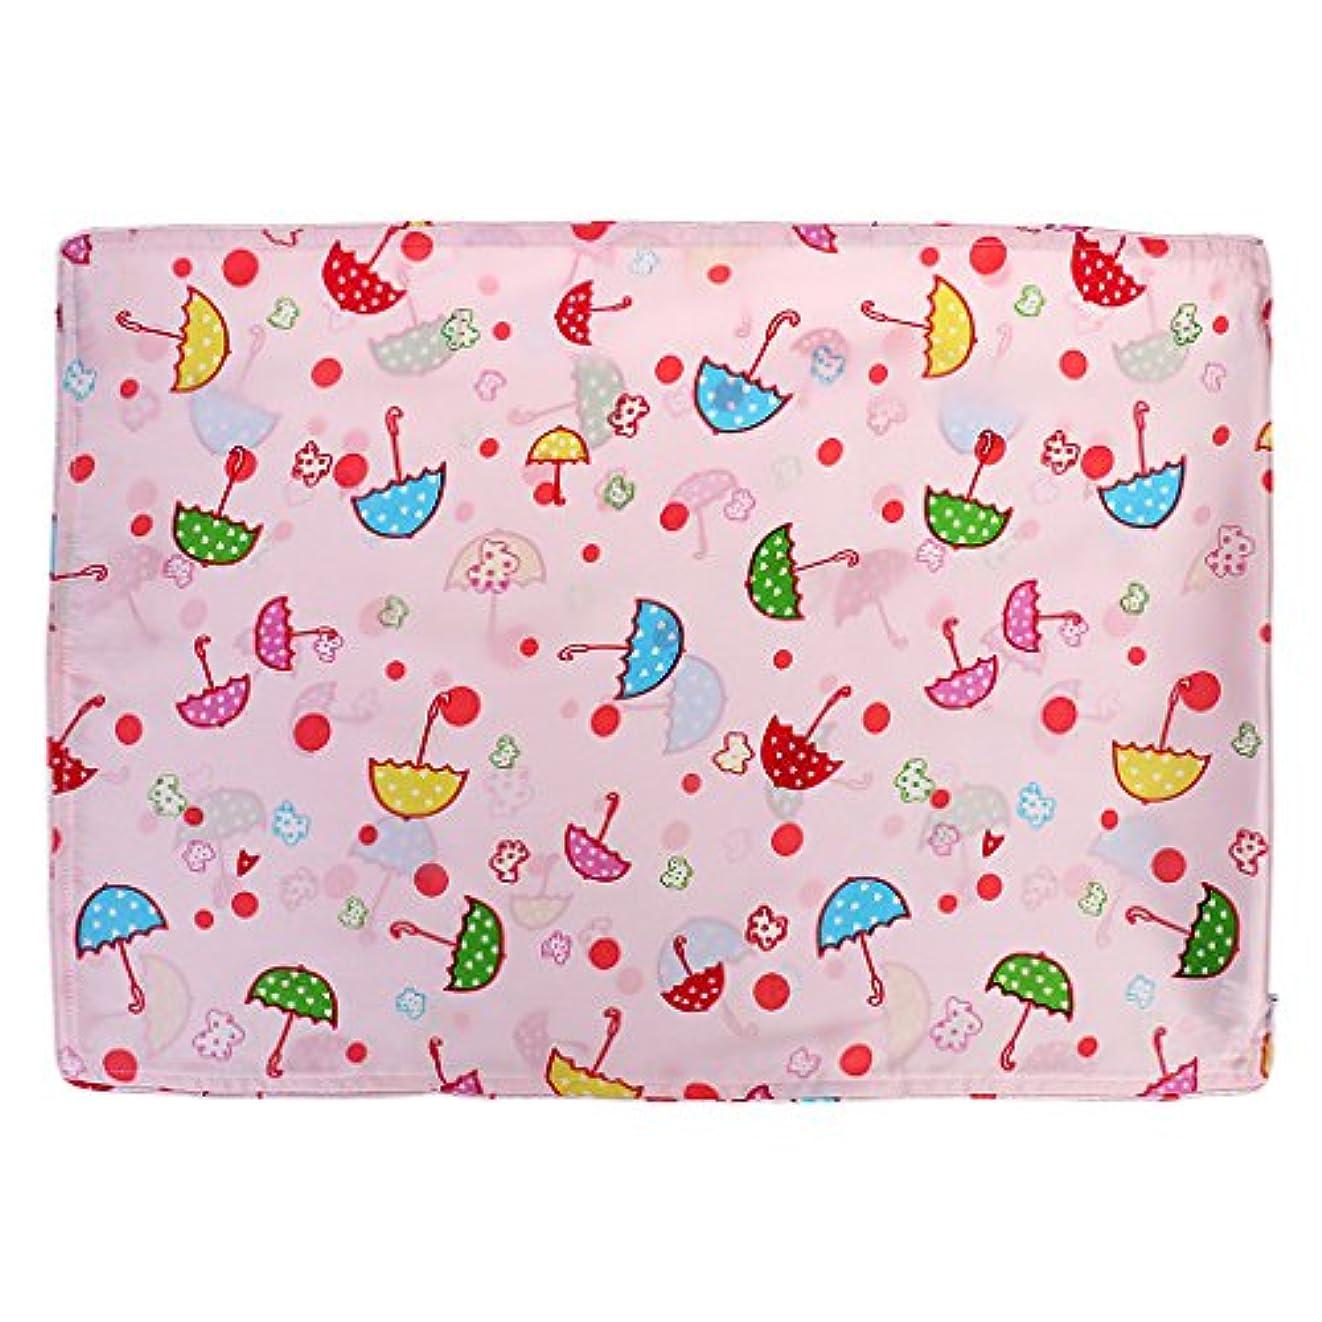 土曜日哀あなたはかわいい赤ちゃんキッズ100%シルクサテン両面枕カバー30 * 45センチメートル傘ピンク